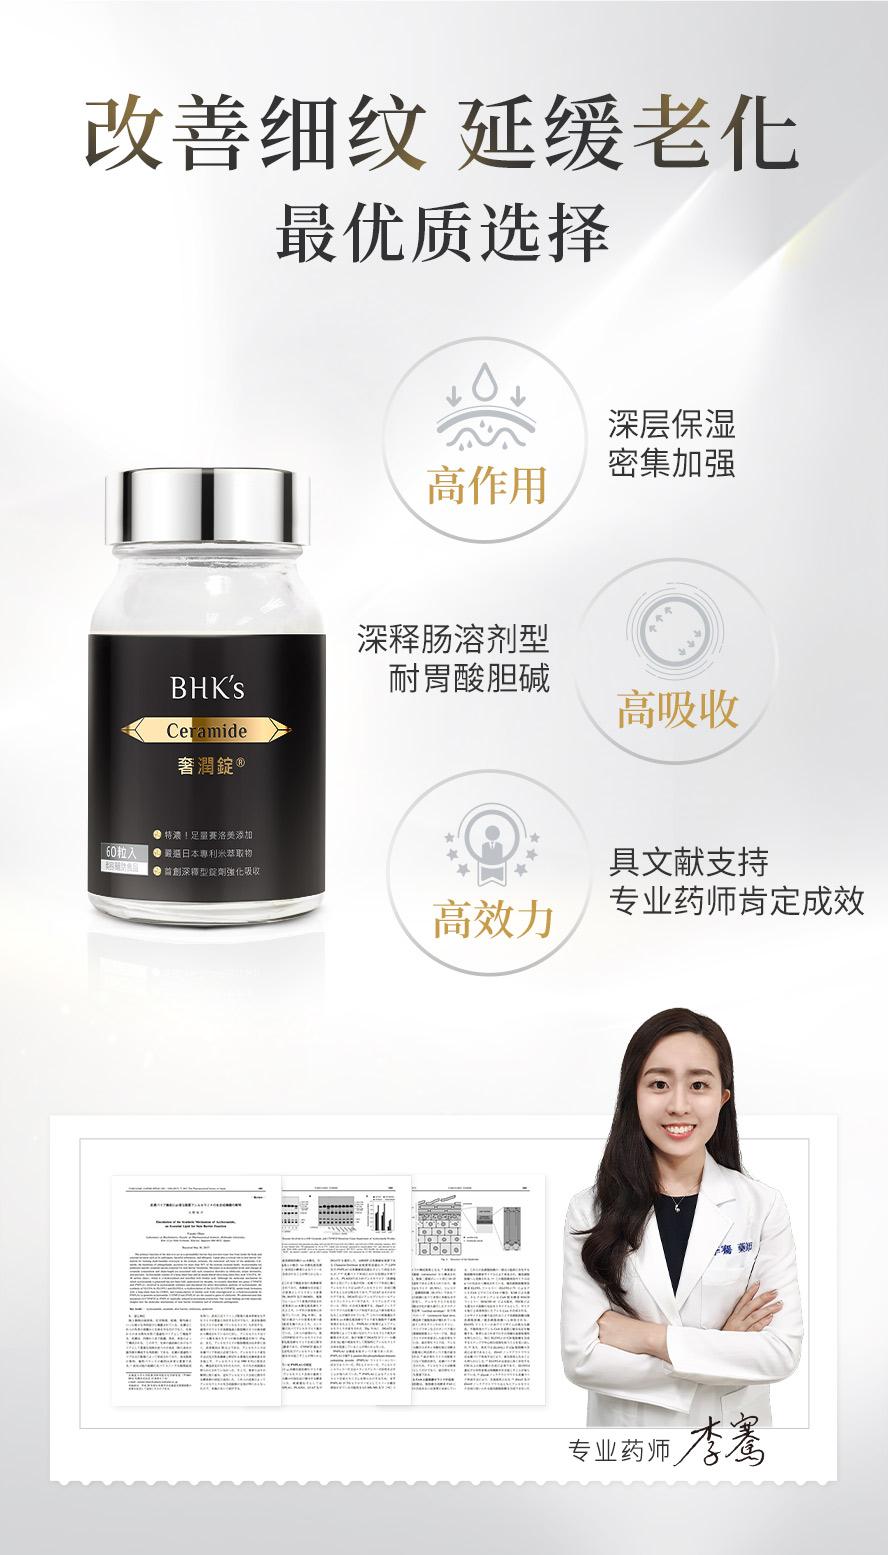 BHK's奢润锭采用独家深释肠溶剂型,通过胃酸考验,完整被吸收